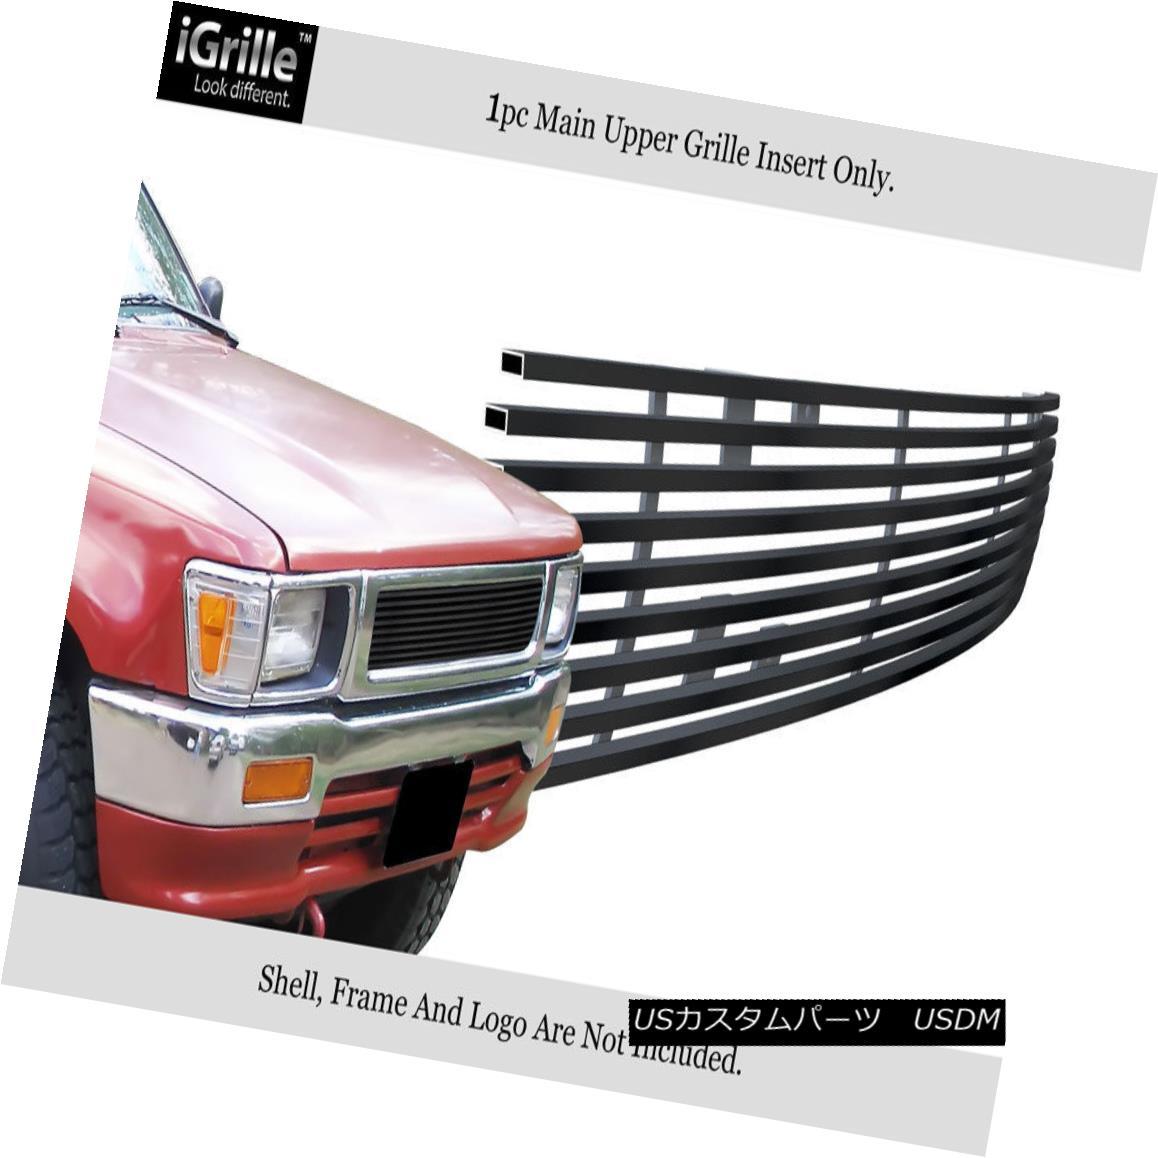 グリル Fits 1992-1995 Toyota Truck 4WD Black Stainless Steel Billet Grille Insert フィット1992-1995トヨタトラック4WDブラックステンレス鋼ビレットグリルインサート